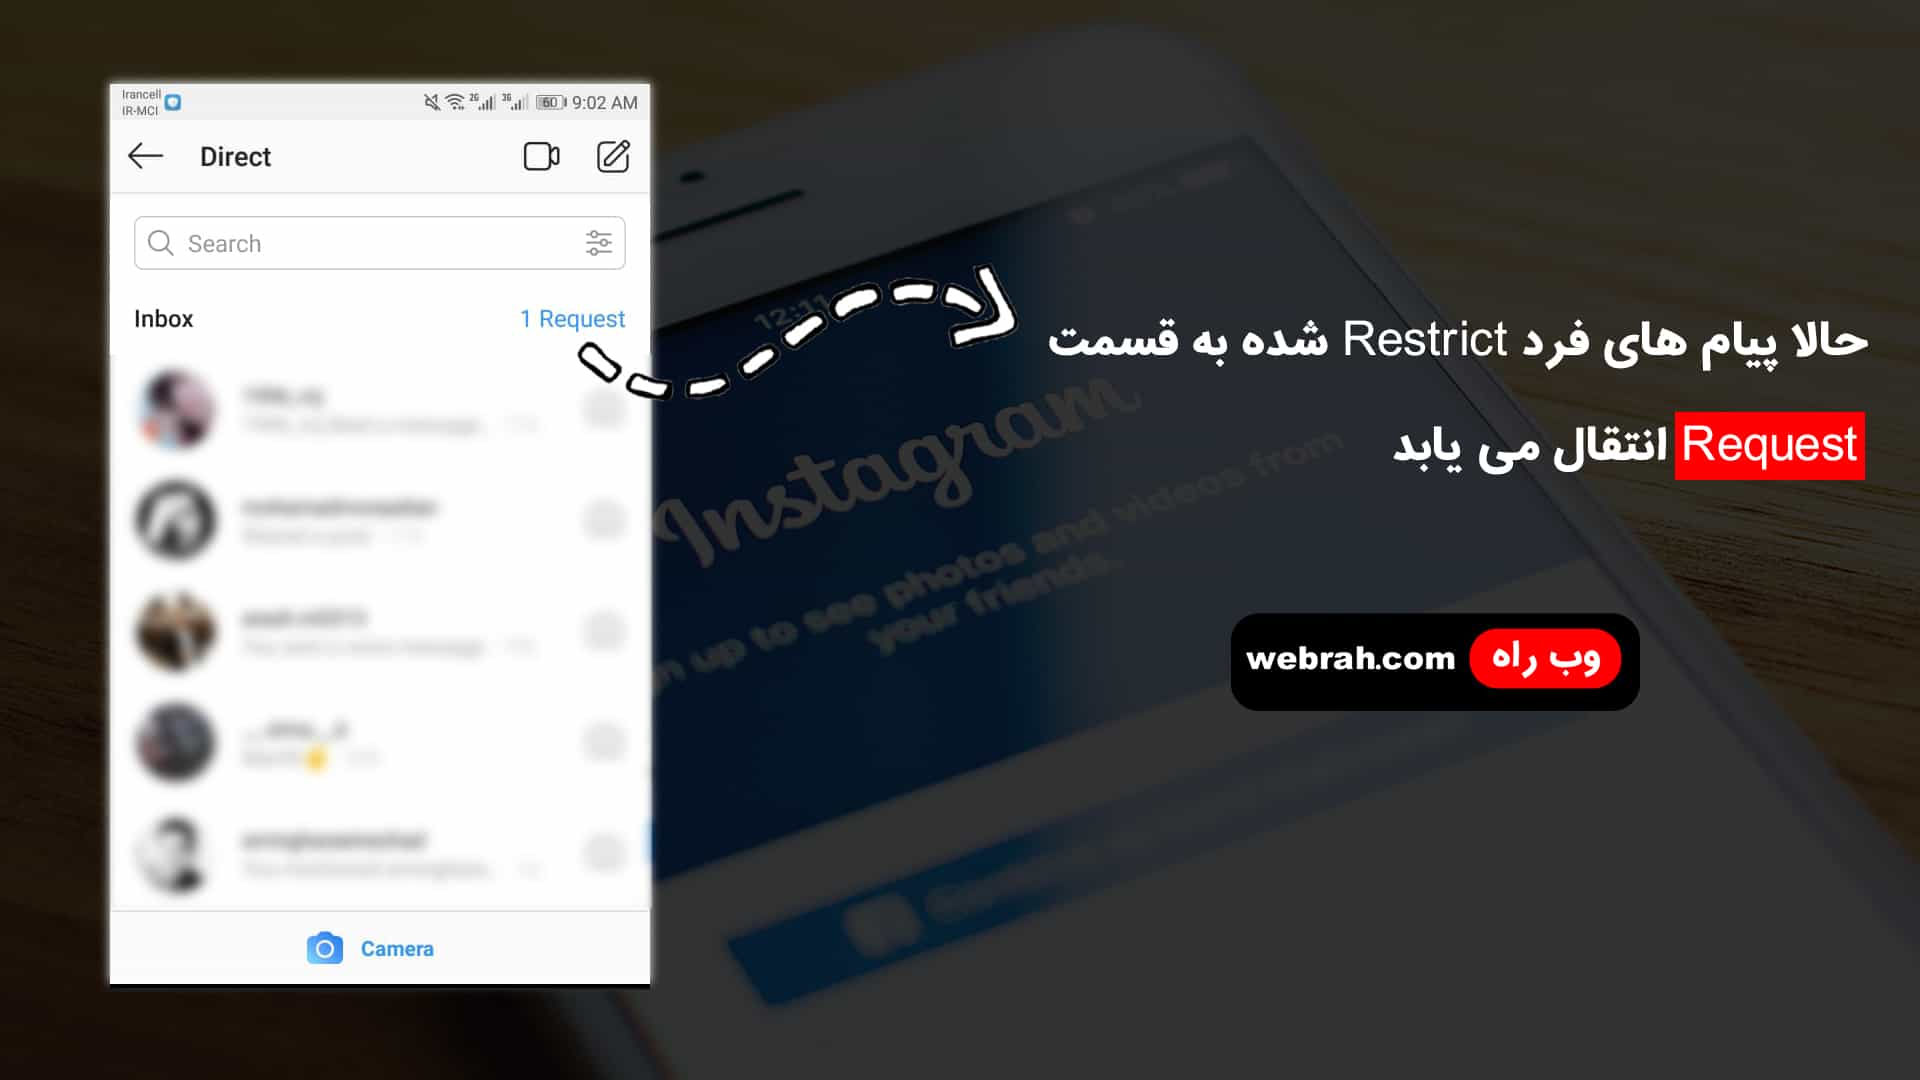 استفاده-از-قابلیت-restrict-برای-خواندن-پیام-در-دایرکت-بدون-سین-خوردن-در-اینستاگرام-7